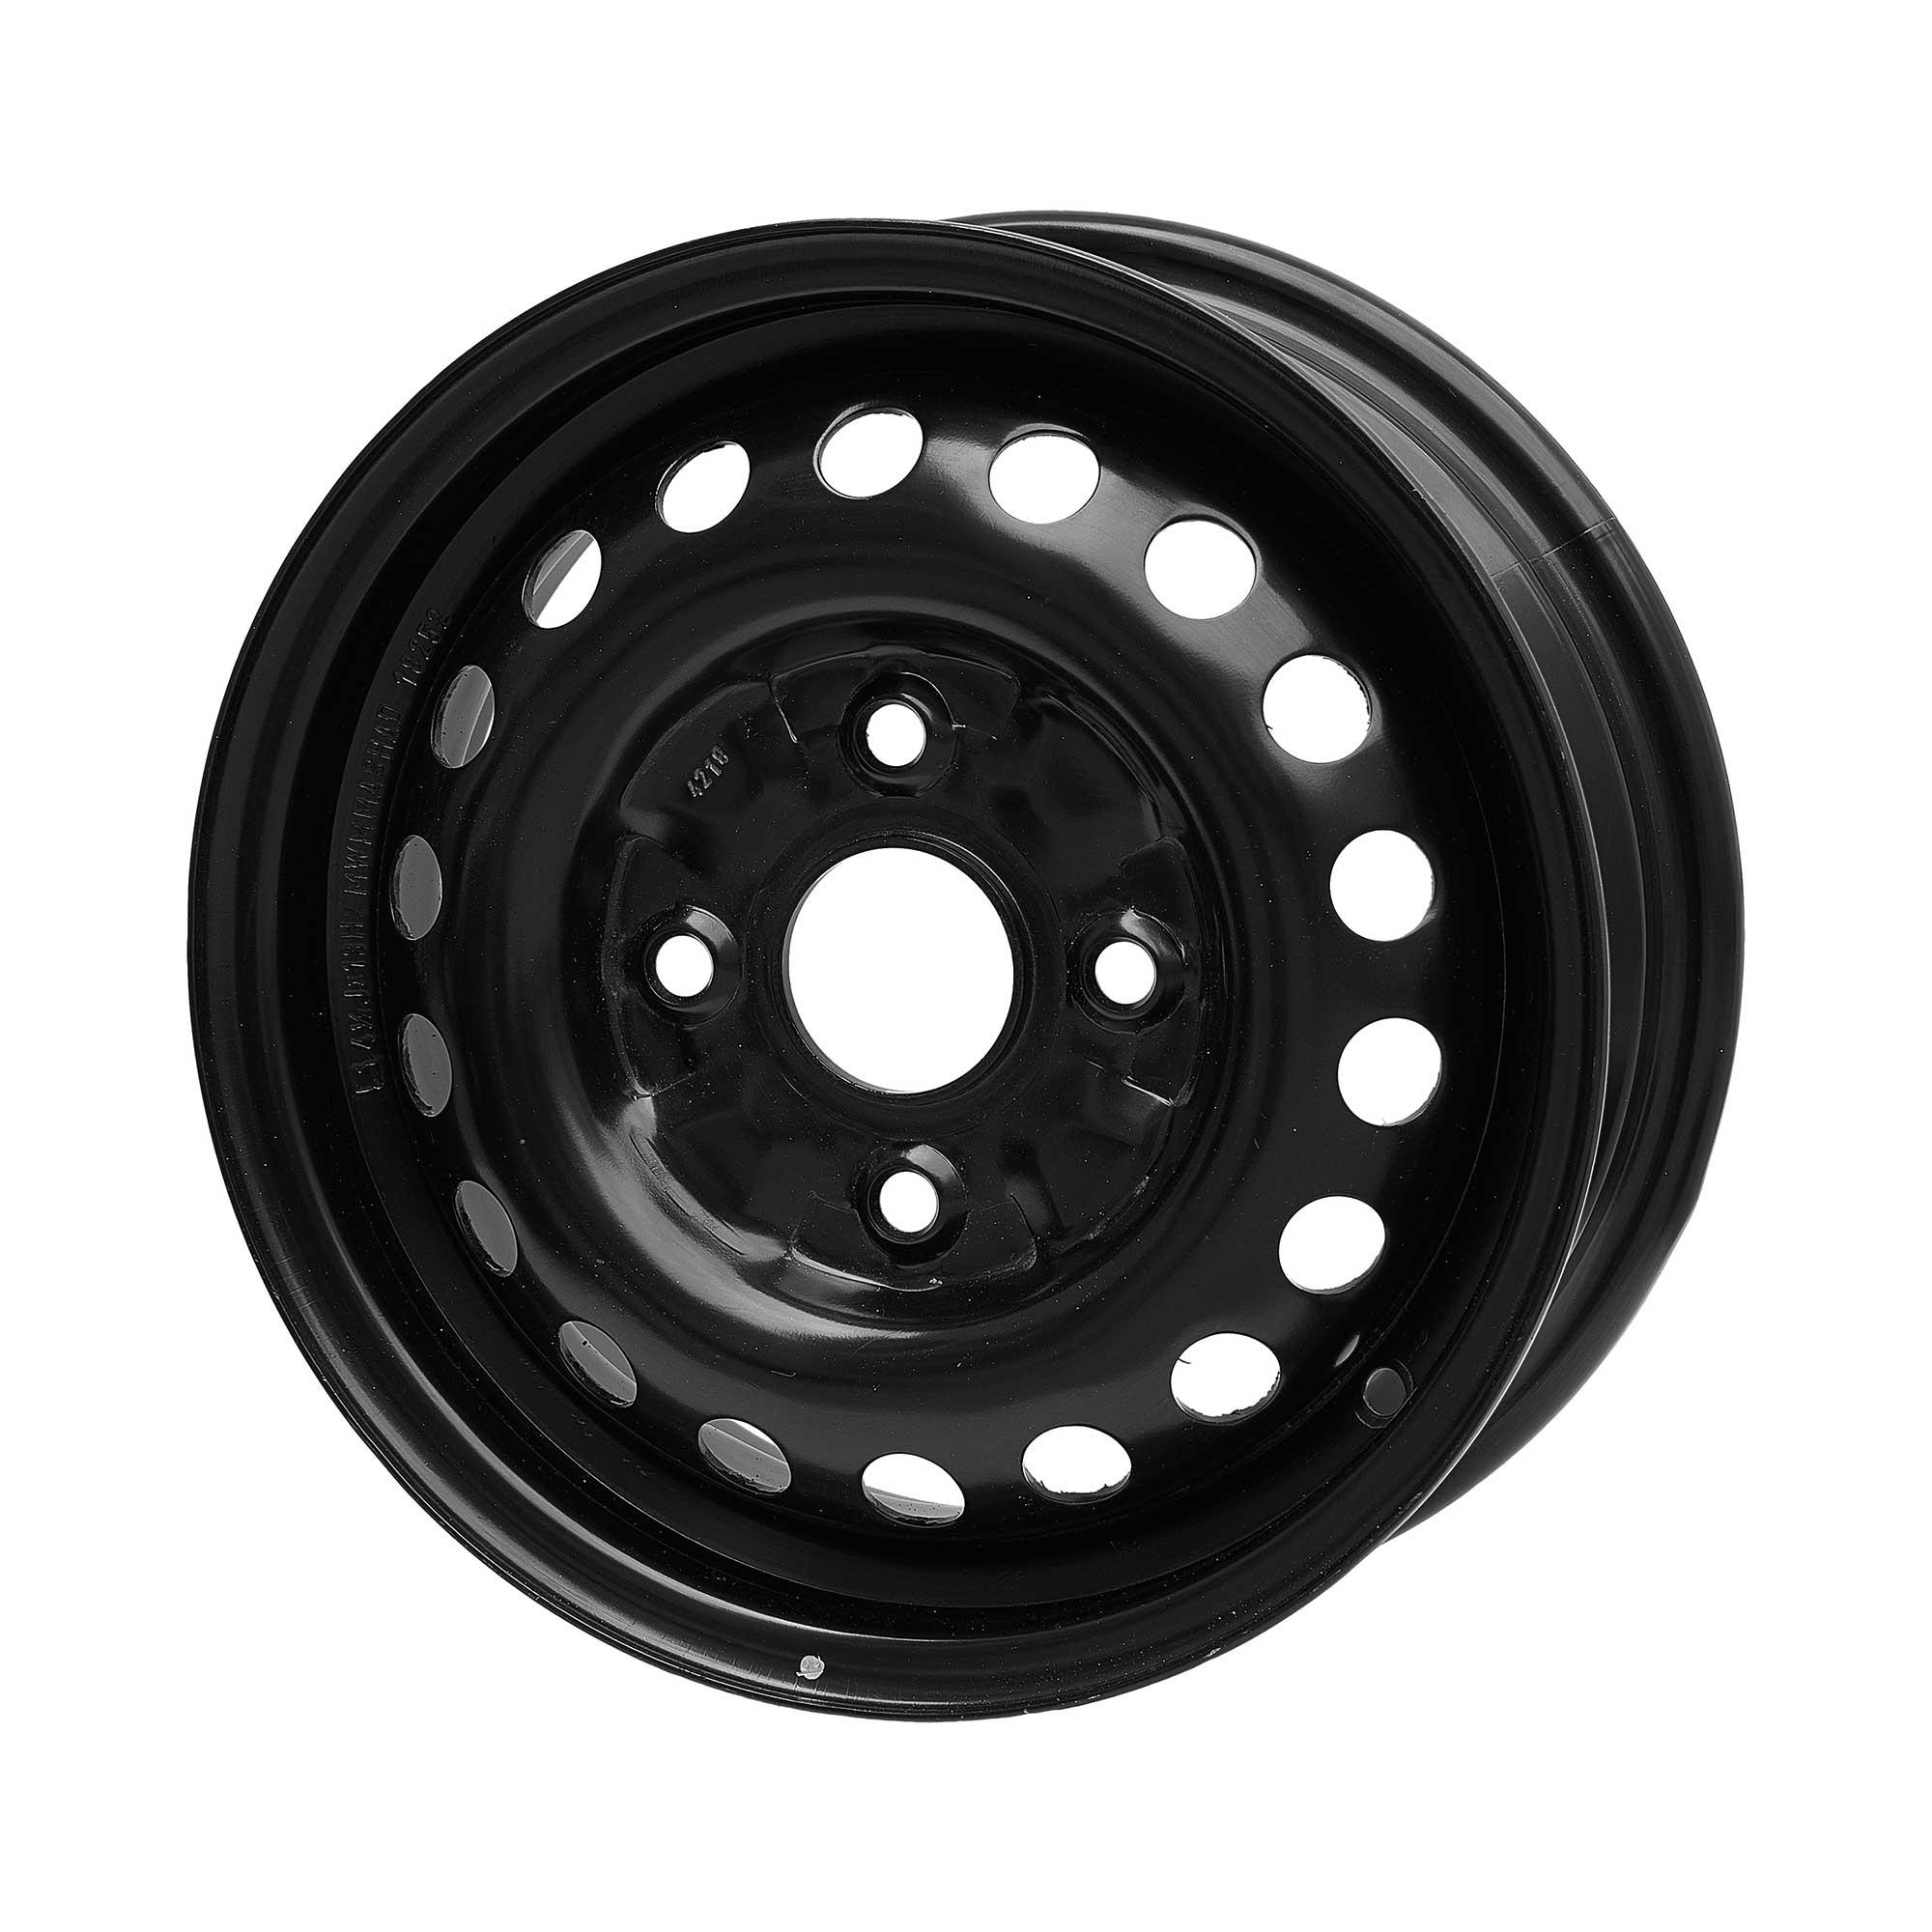 رینگ  چرخ مدل 5238 سایز 13 اینچ مناسب برای پراید